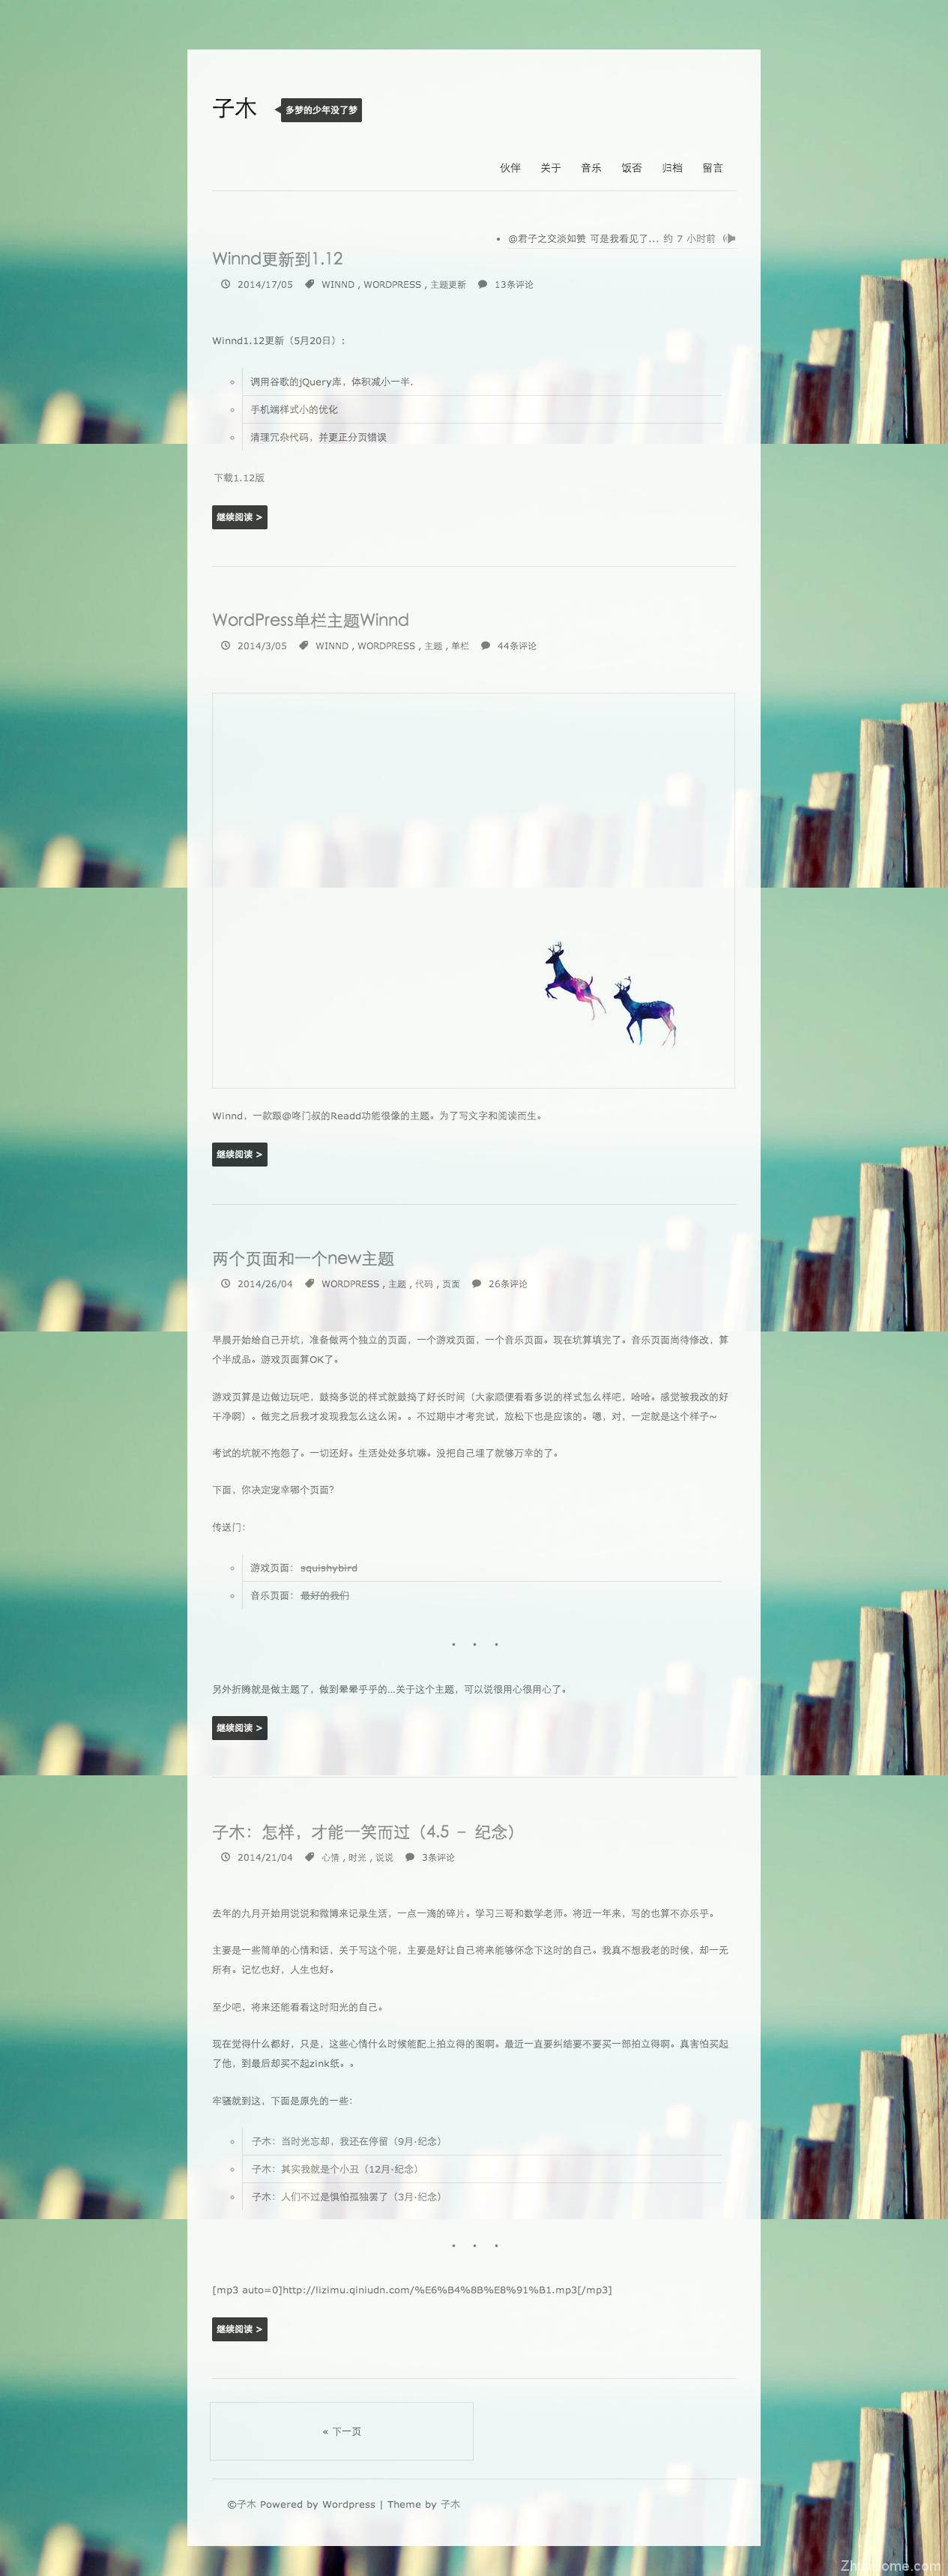 国人原创经典单栏WordPress主题:Winnd